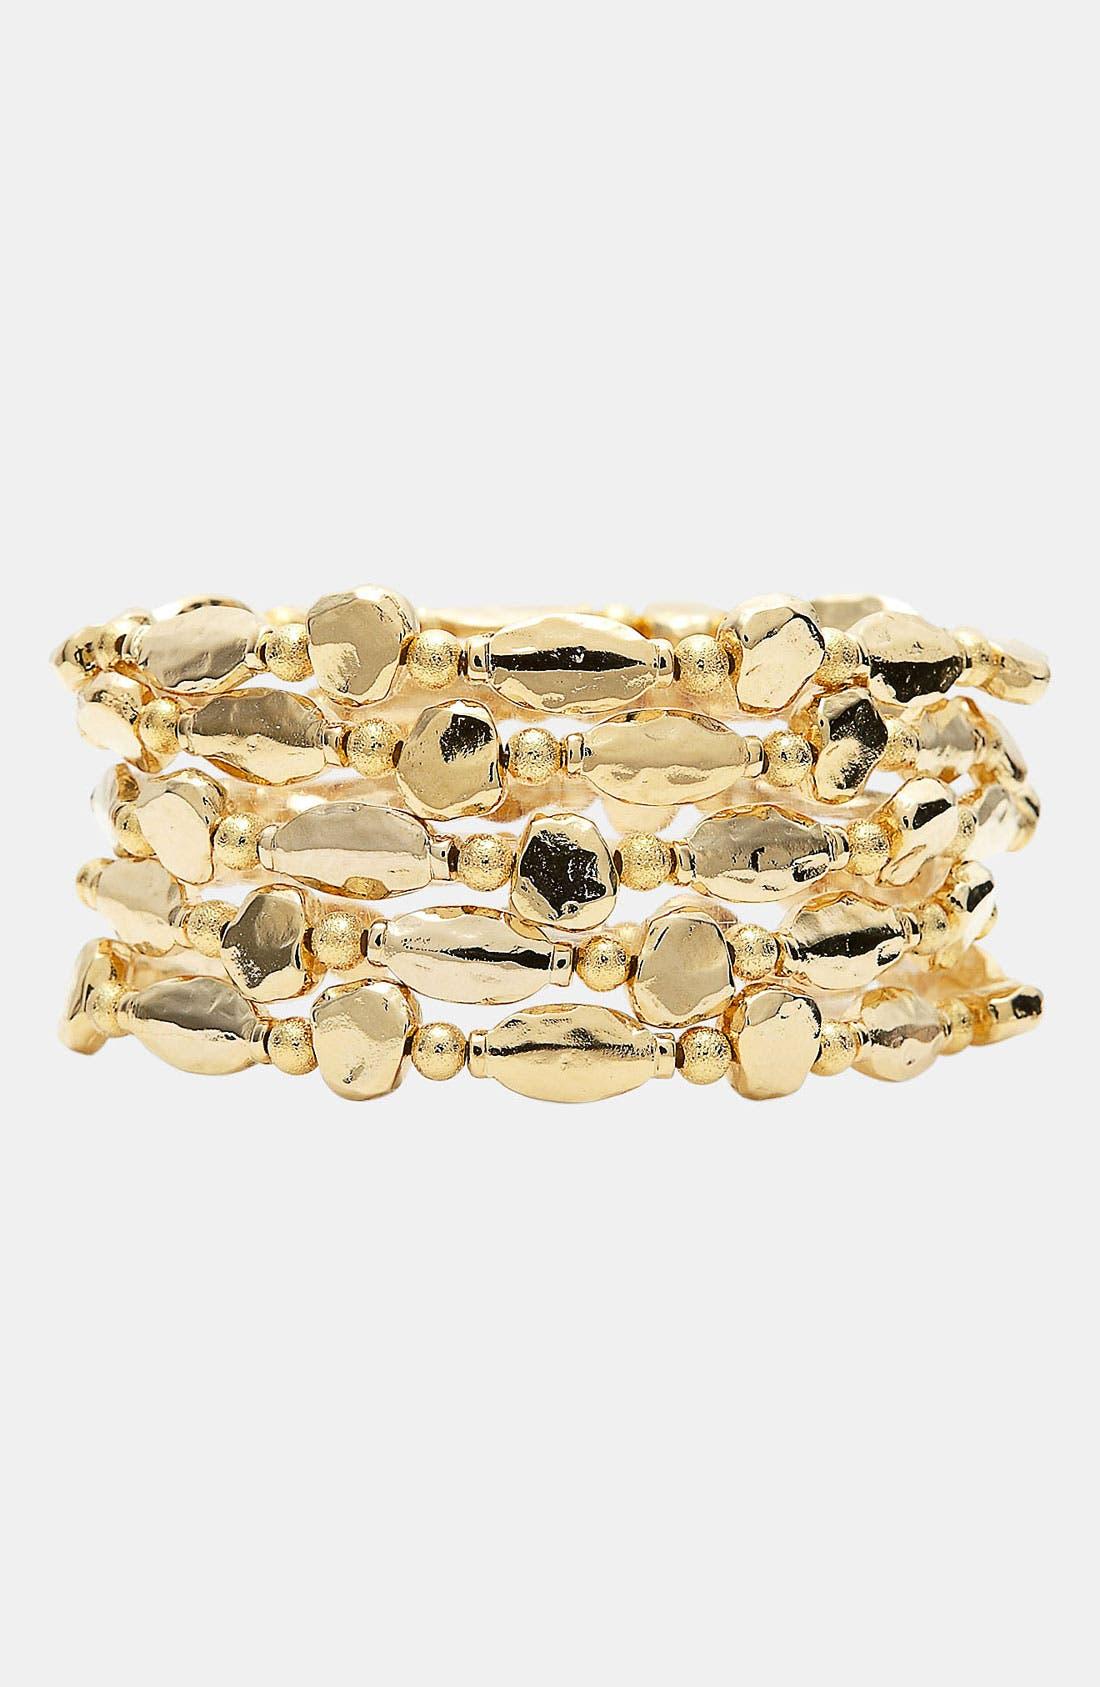 Alternate Image 1 Selected - Nordstrom 'Sand Dollar' Stretch Bracelets (Set of 5)